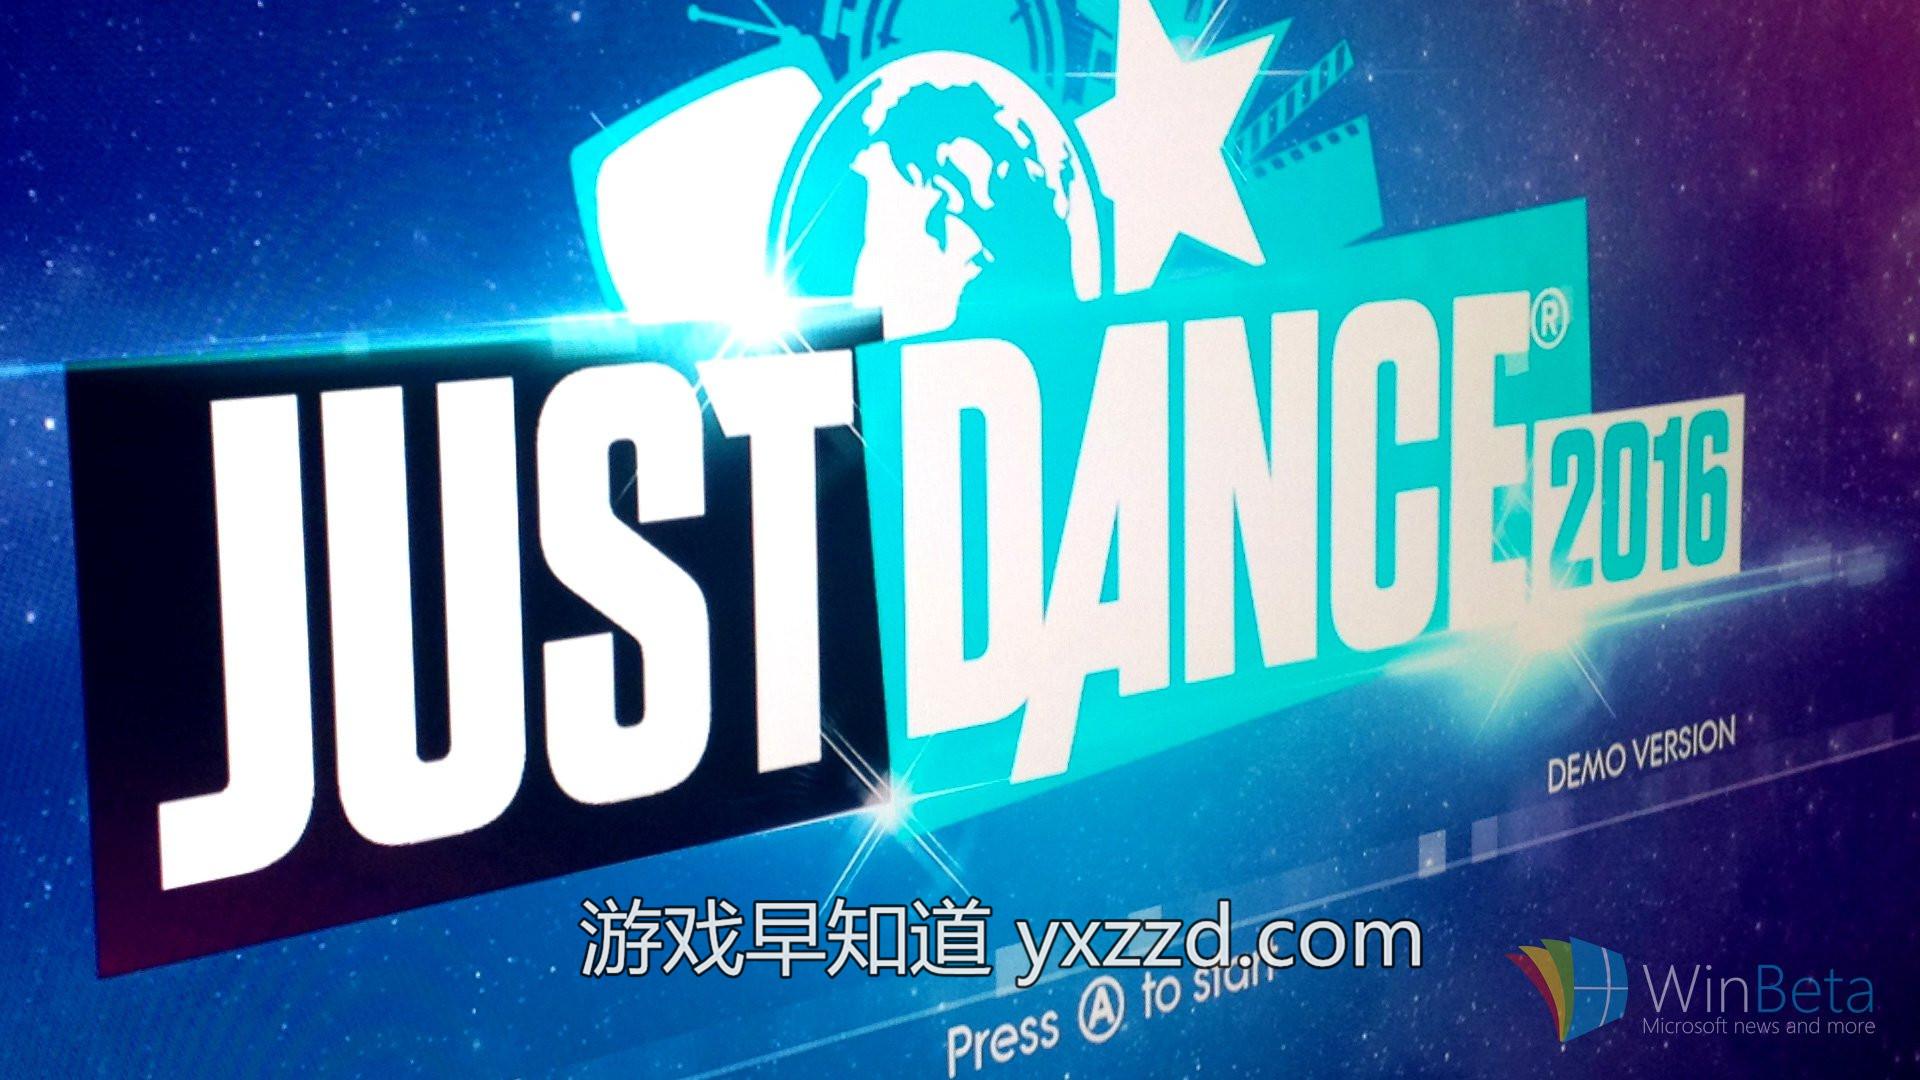 舞力全开2016justdance